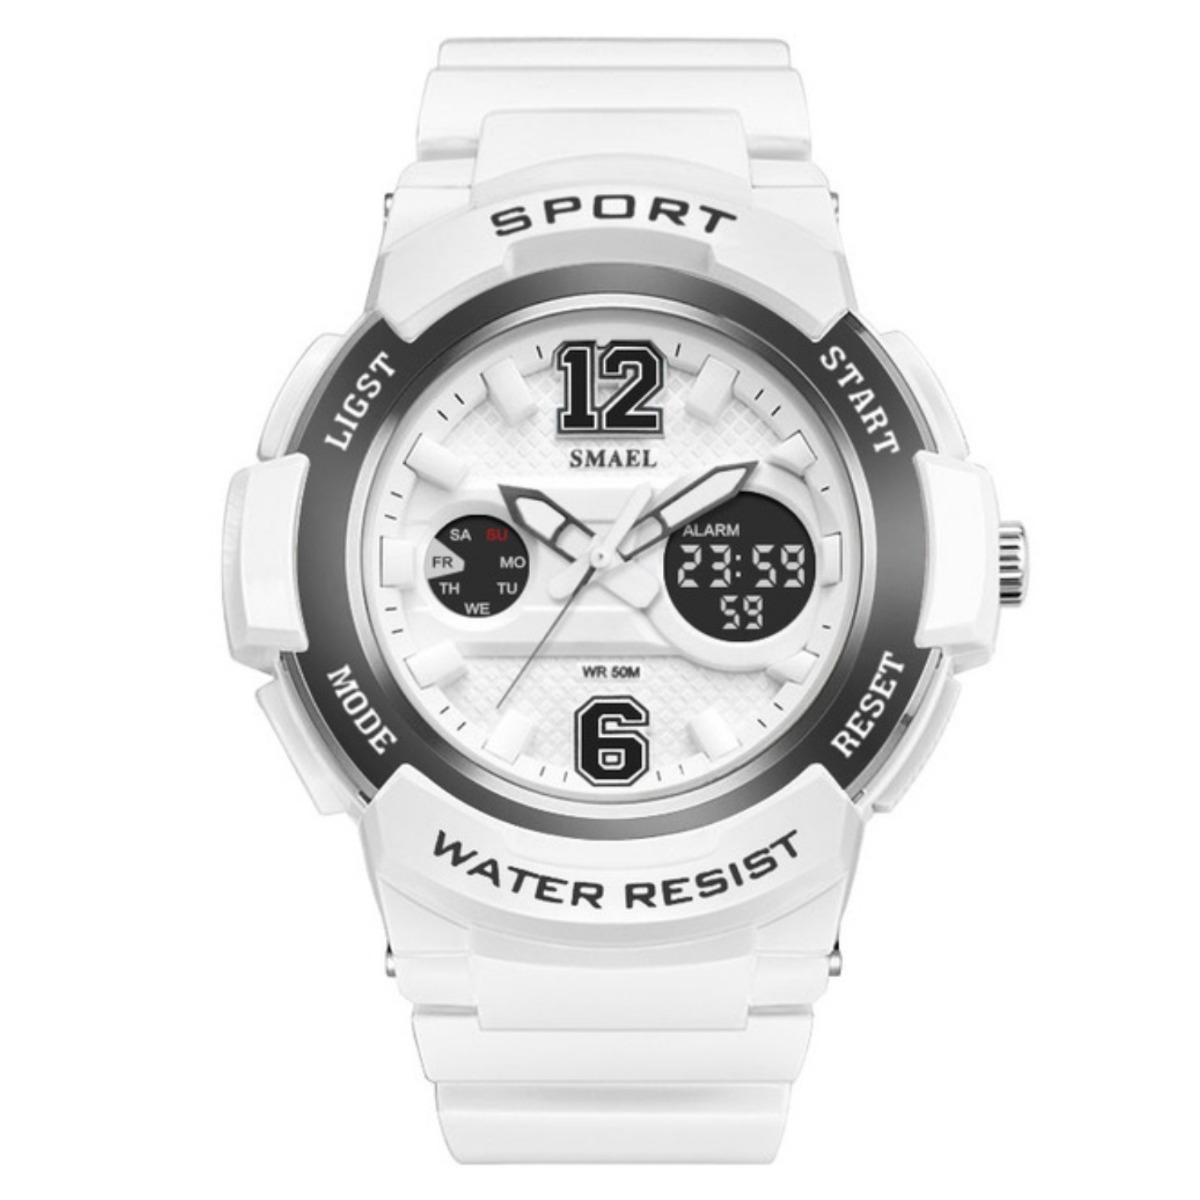 682b08f287f Relógio Feminino Esportivo Top 50 Metros - Menor Preço - R  69